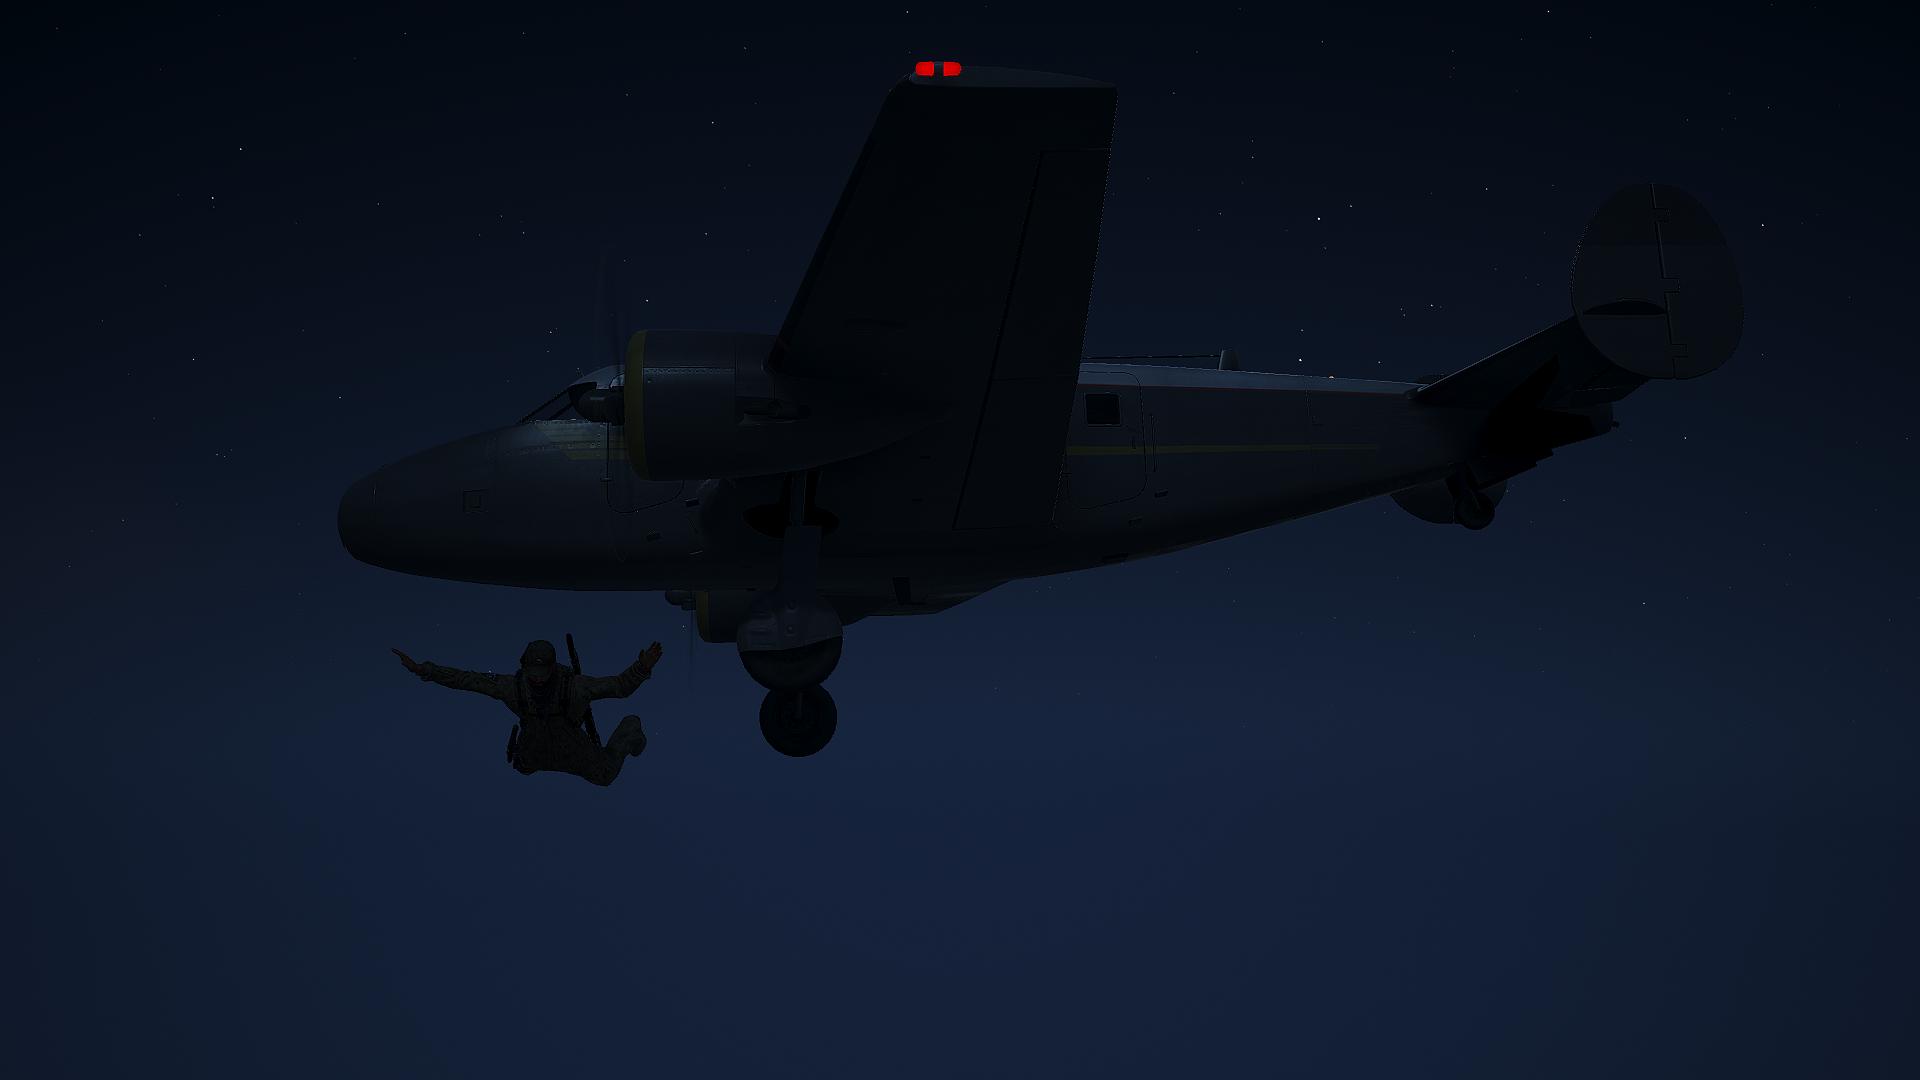 Orca : Nightdrop